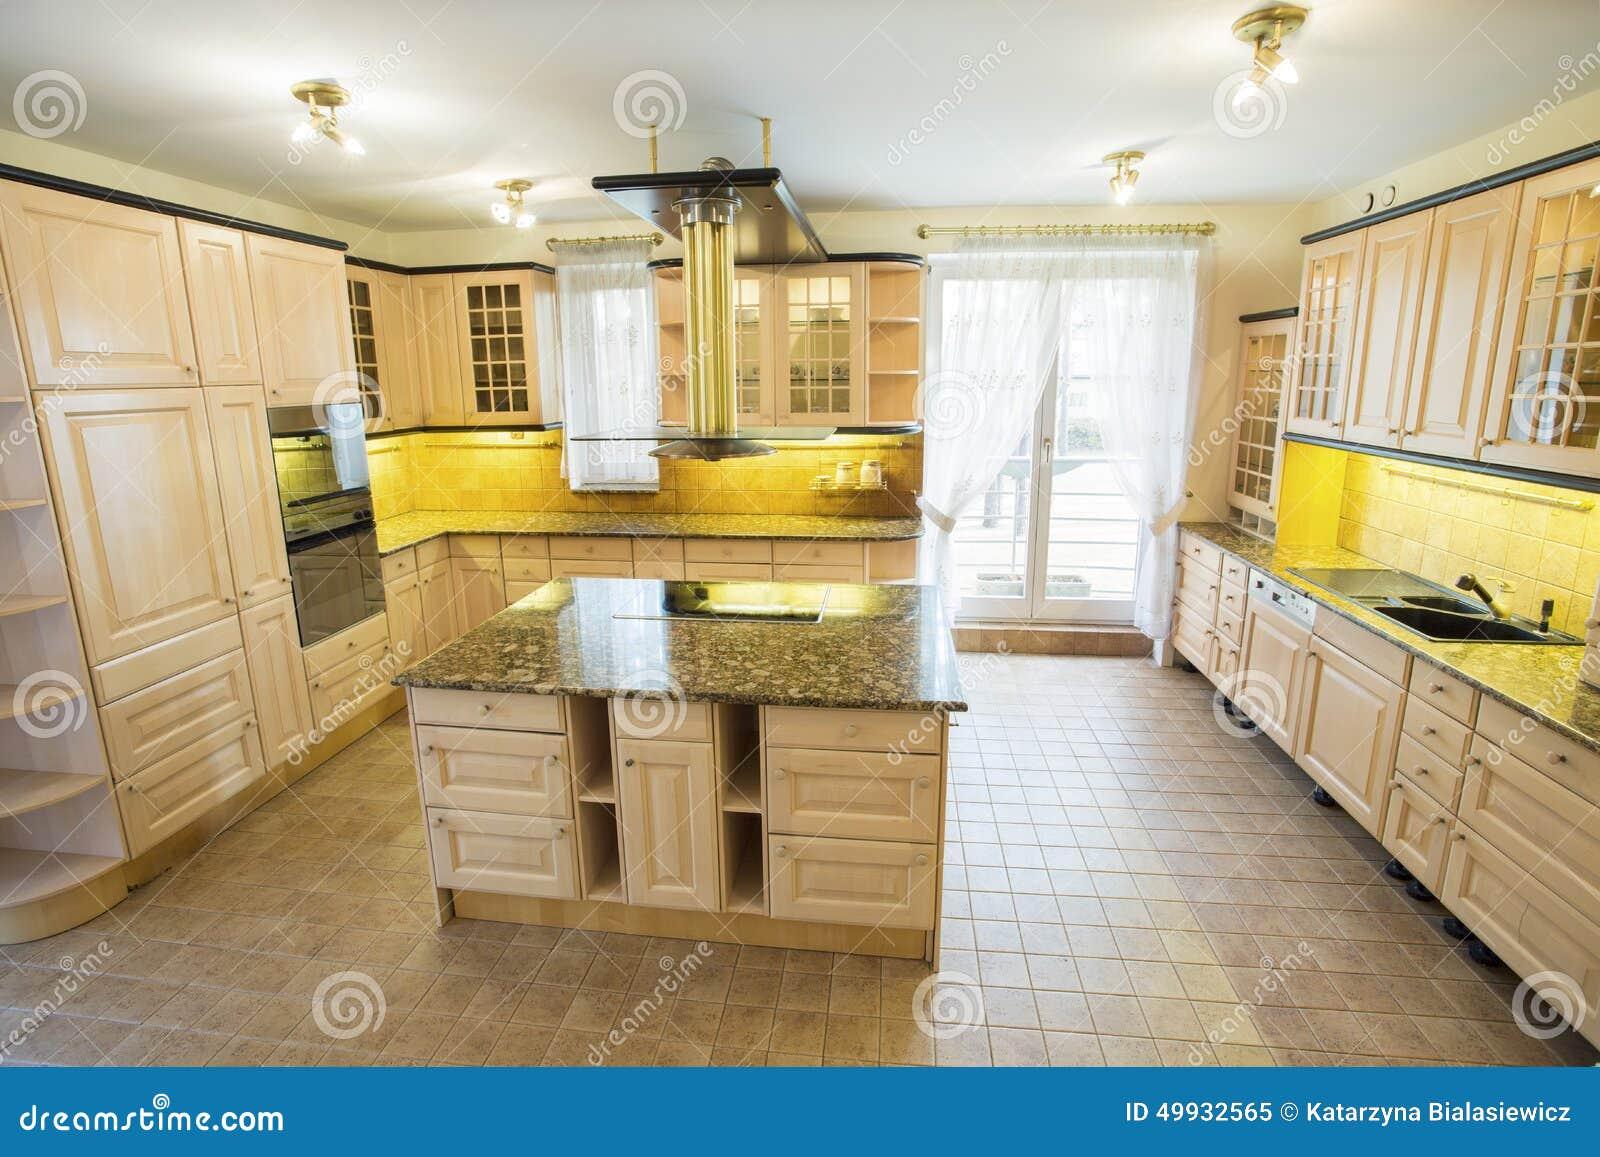 Plan De Cuisine En Marbre plan de travail de marbre à l'intérieur de la cuisine image